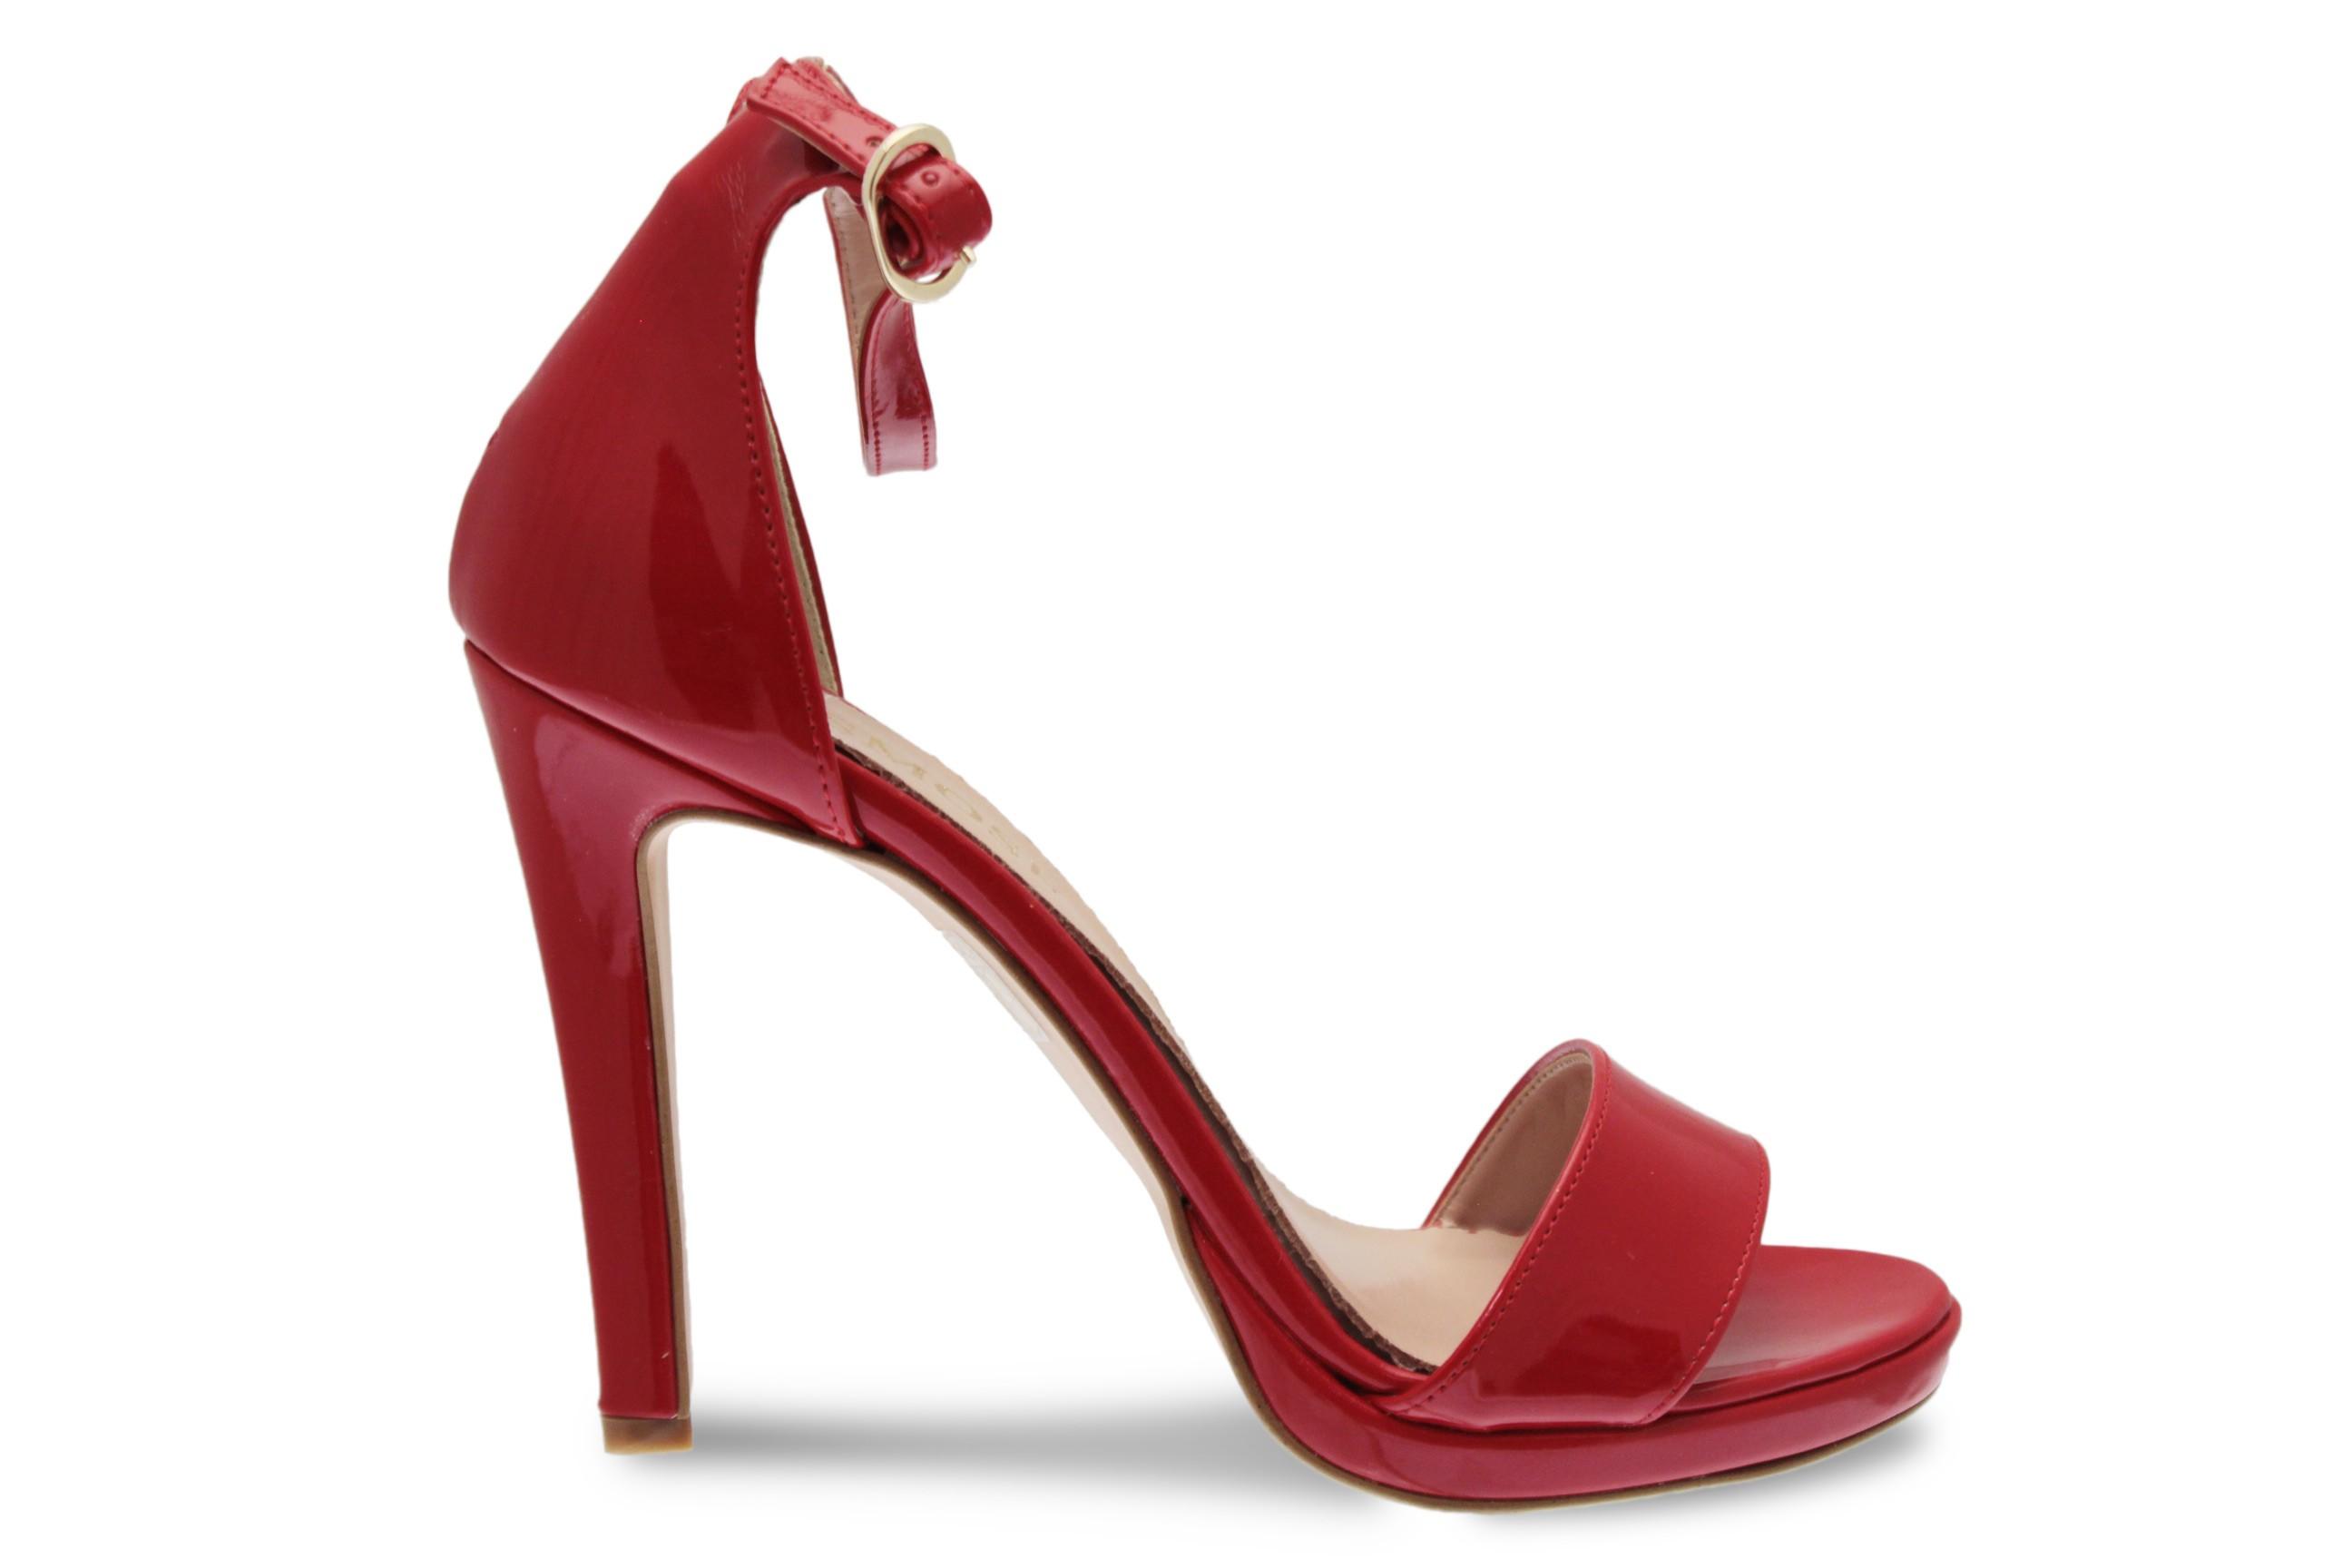 Sandale Bride À Passionnez Verni Vos Shoes Osmose Paris En Looks Rouge erdCBWxo